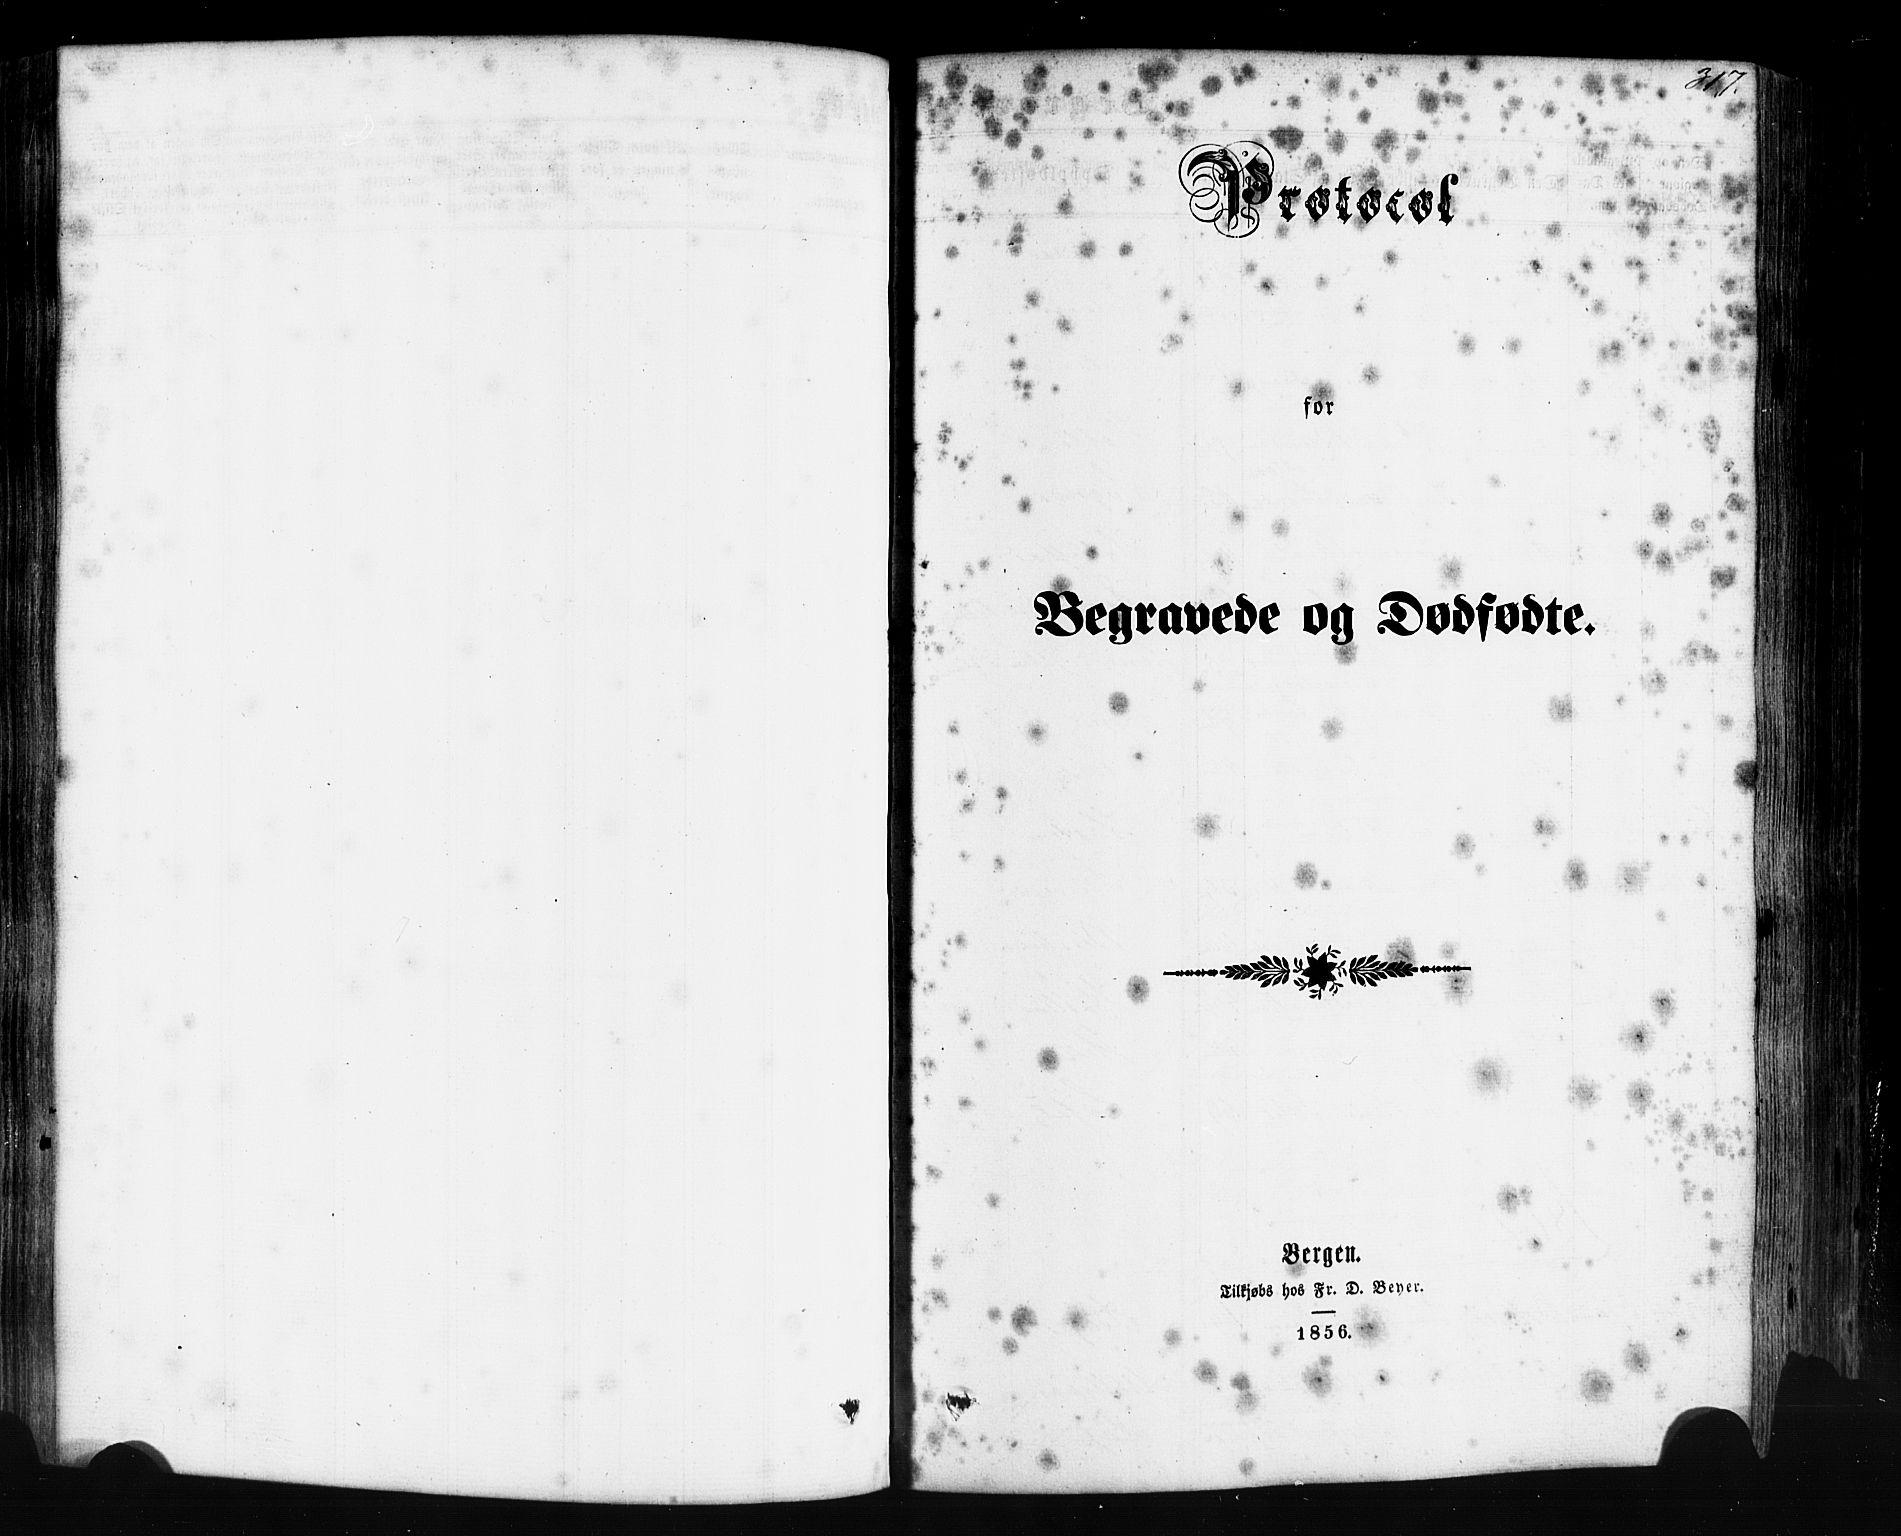 SAB, Hyllestad Sokneprestembete, Ministerialbok nr. A 1, 1861-1886, s. 317